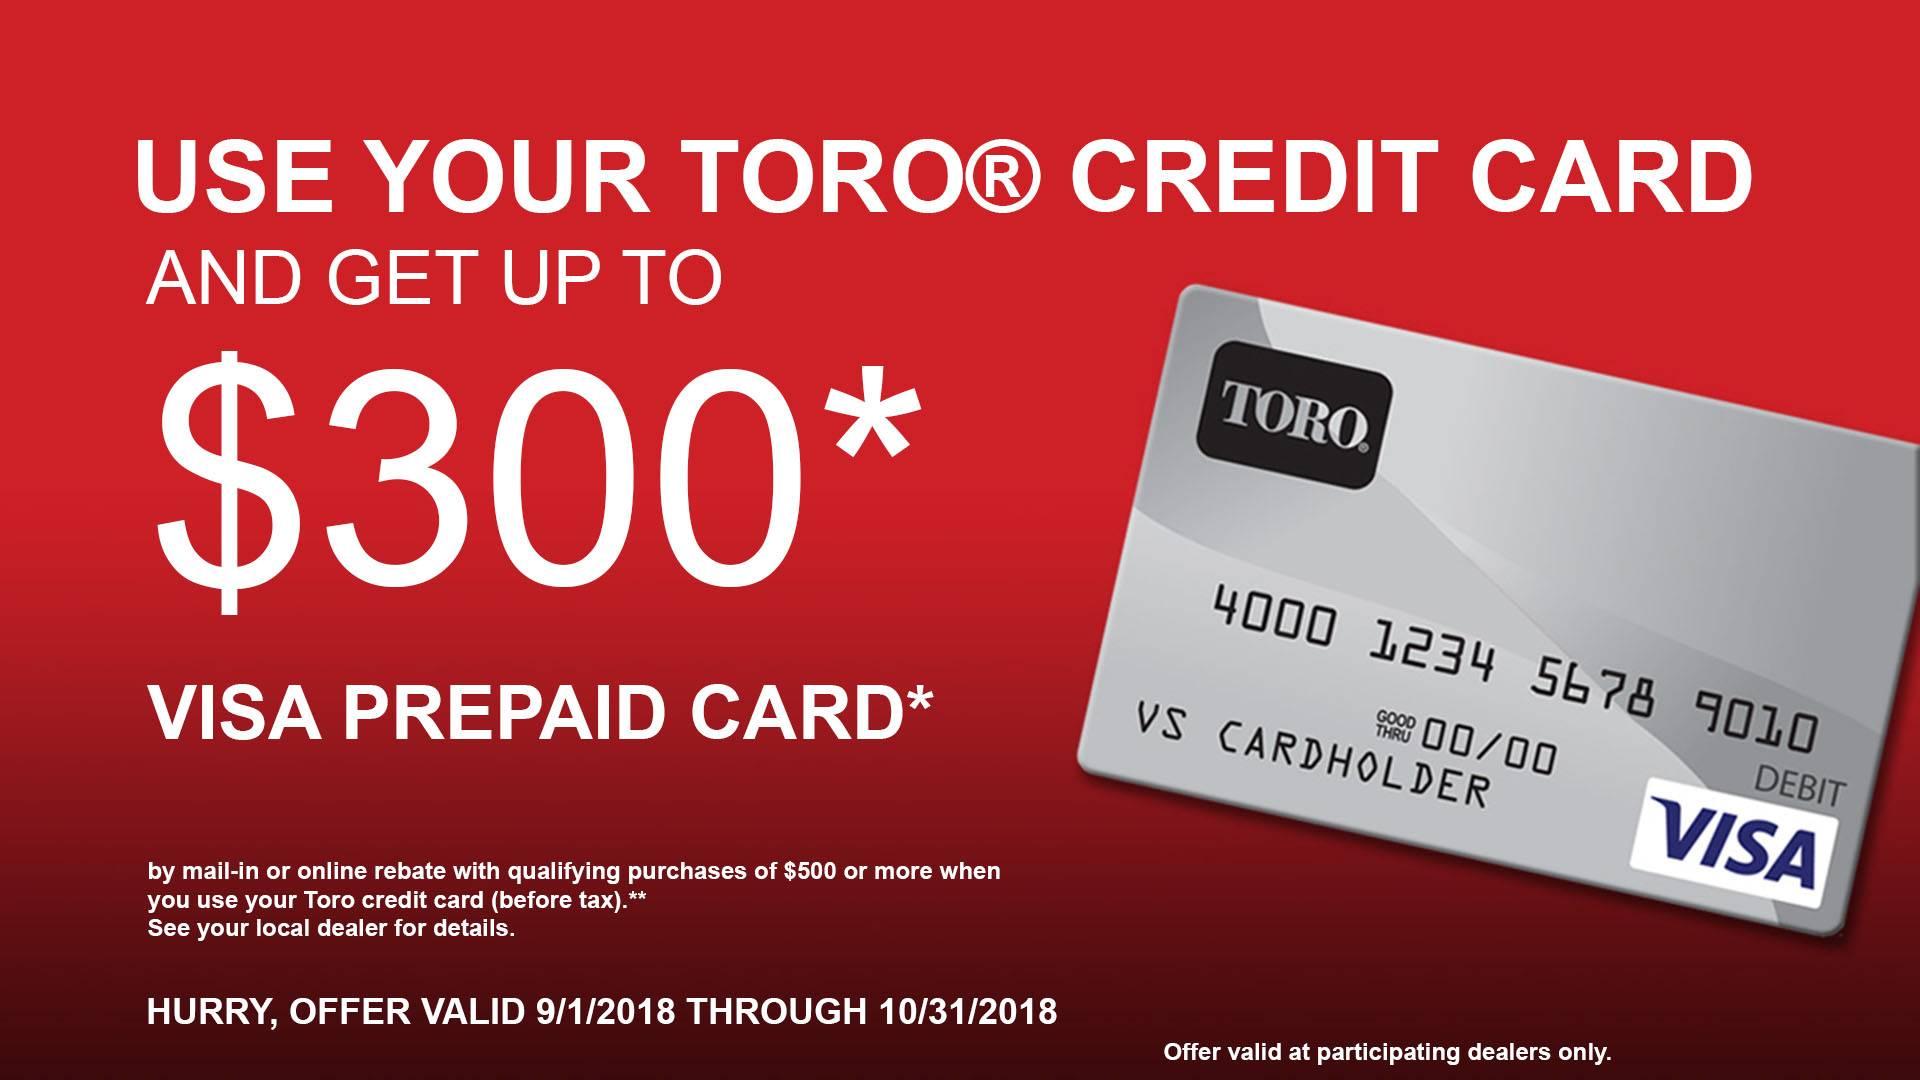 Toro - Credit Card Rebate Offer